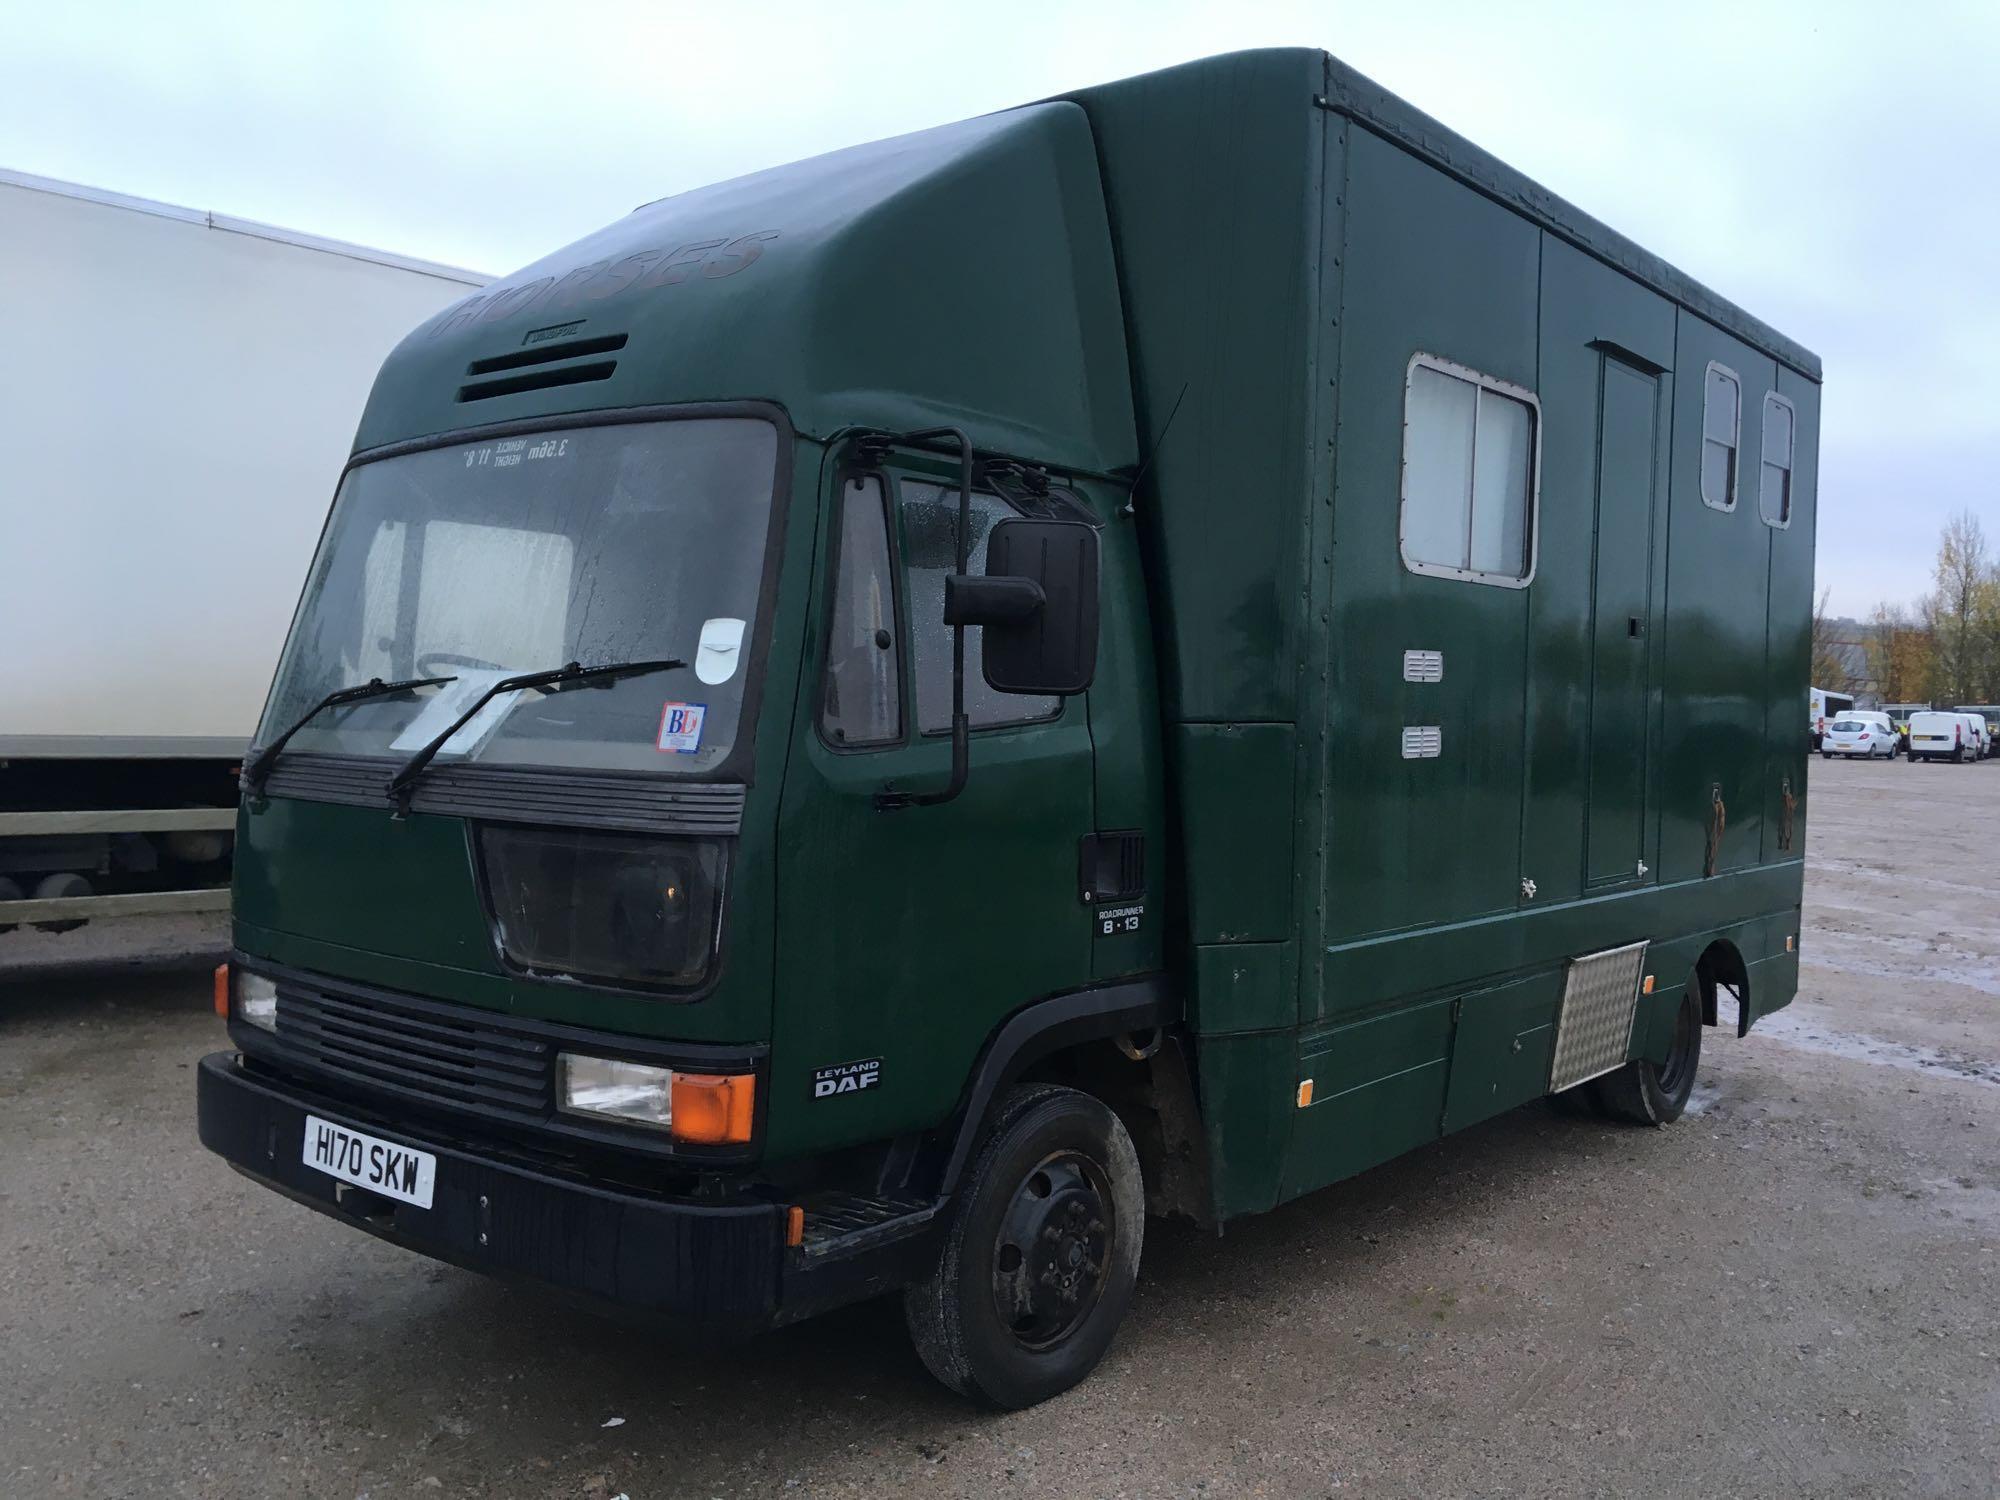 Lot 4025 - Leyland Roadrunner 8.13 - 0cc 2 Door Truck